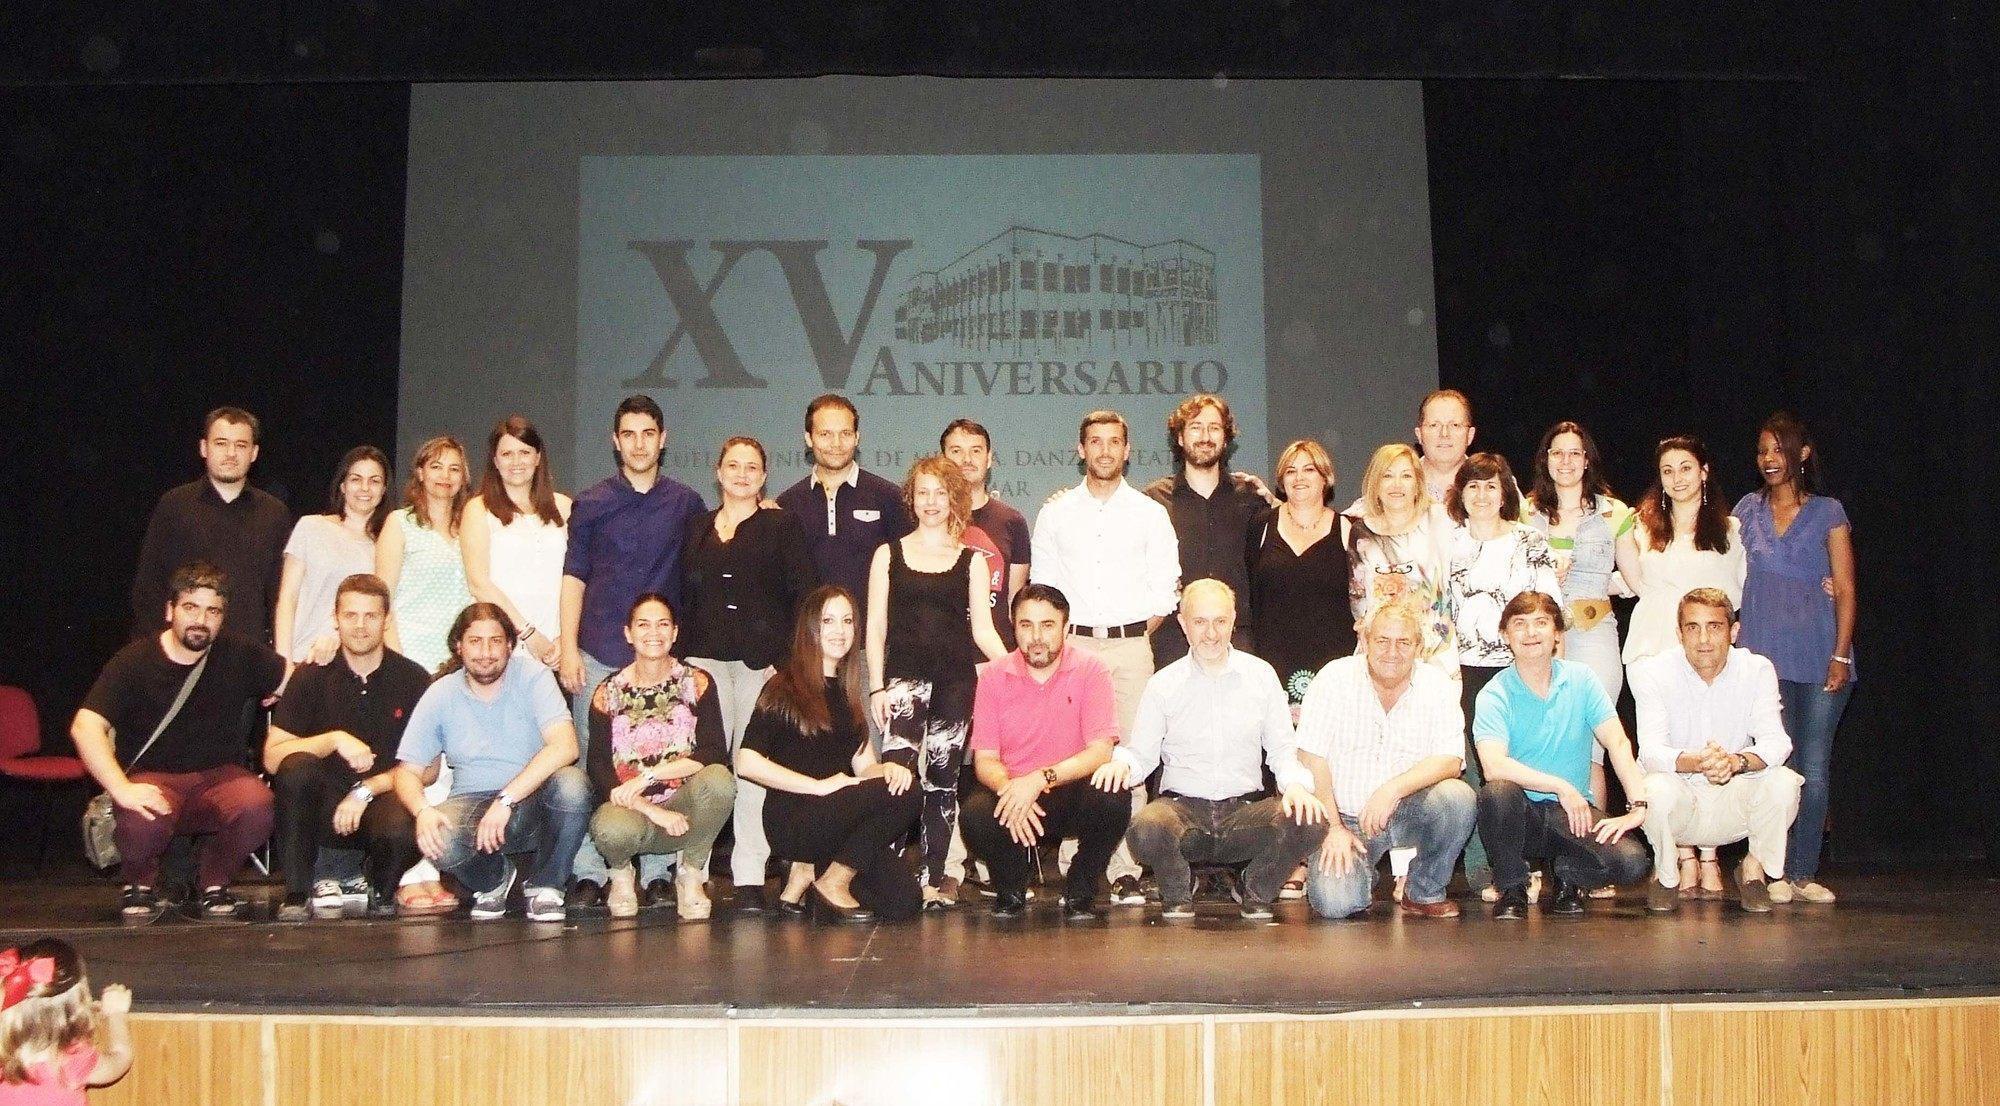 La Escuela de Música de Roquetas de Mar ha celebrado esta semana su XV aniversario